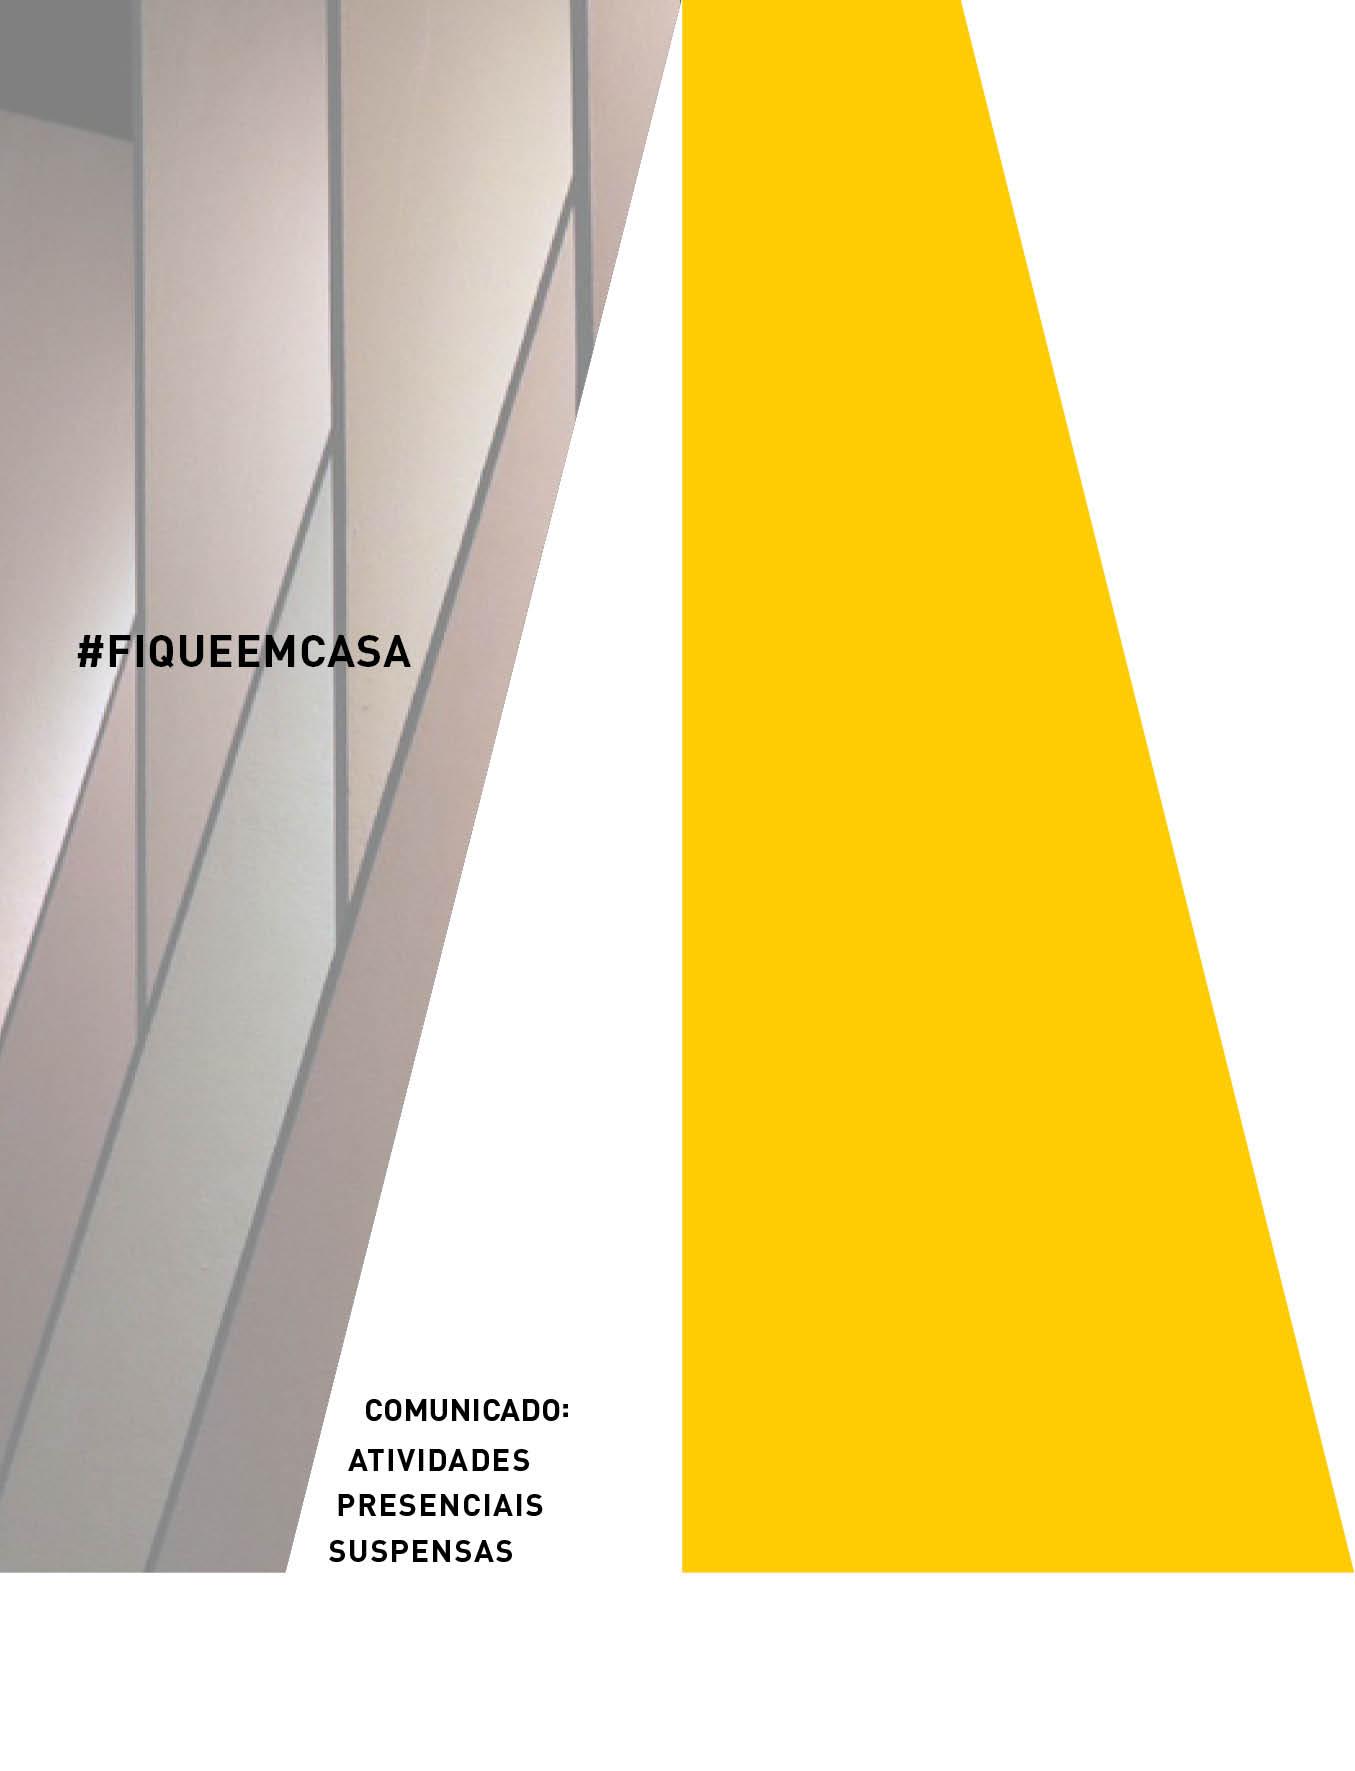 Evento: Fundação Clóvis Salgado suspende atividades presenciais a partir de segunda-feira (11/01)